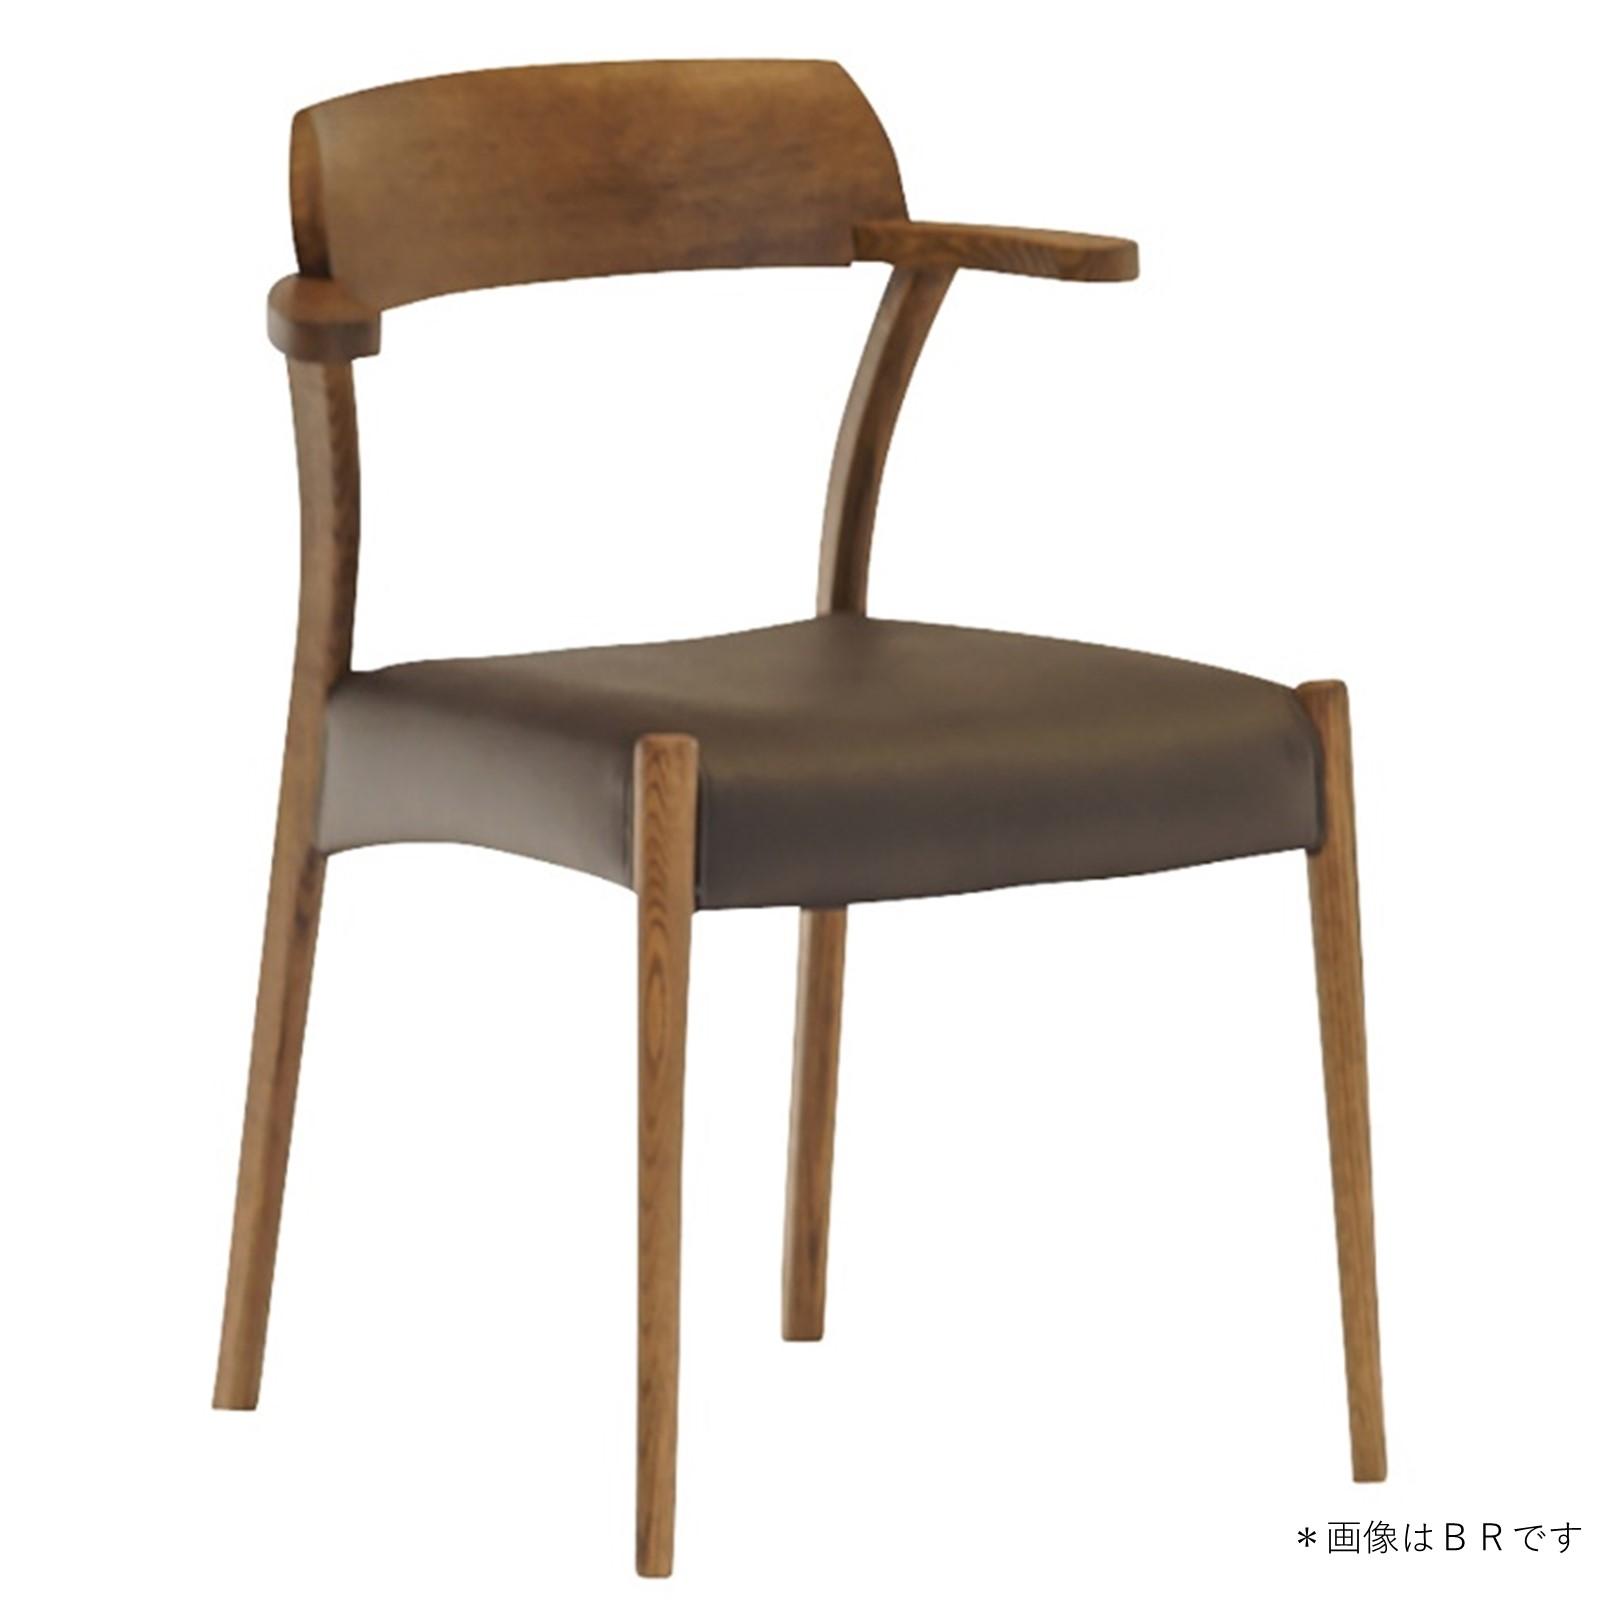 肘付食堂椅子 BR w14949